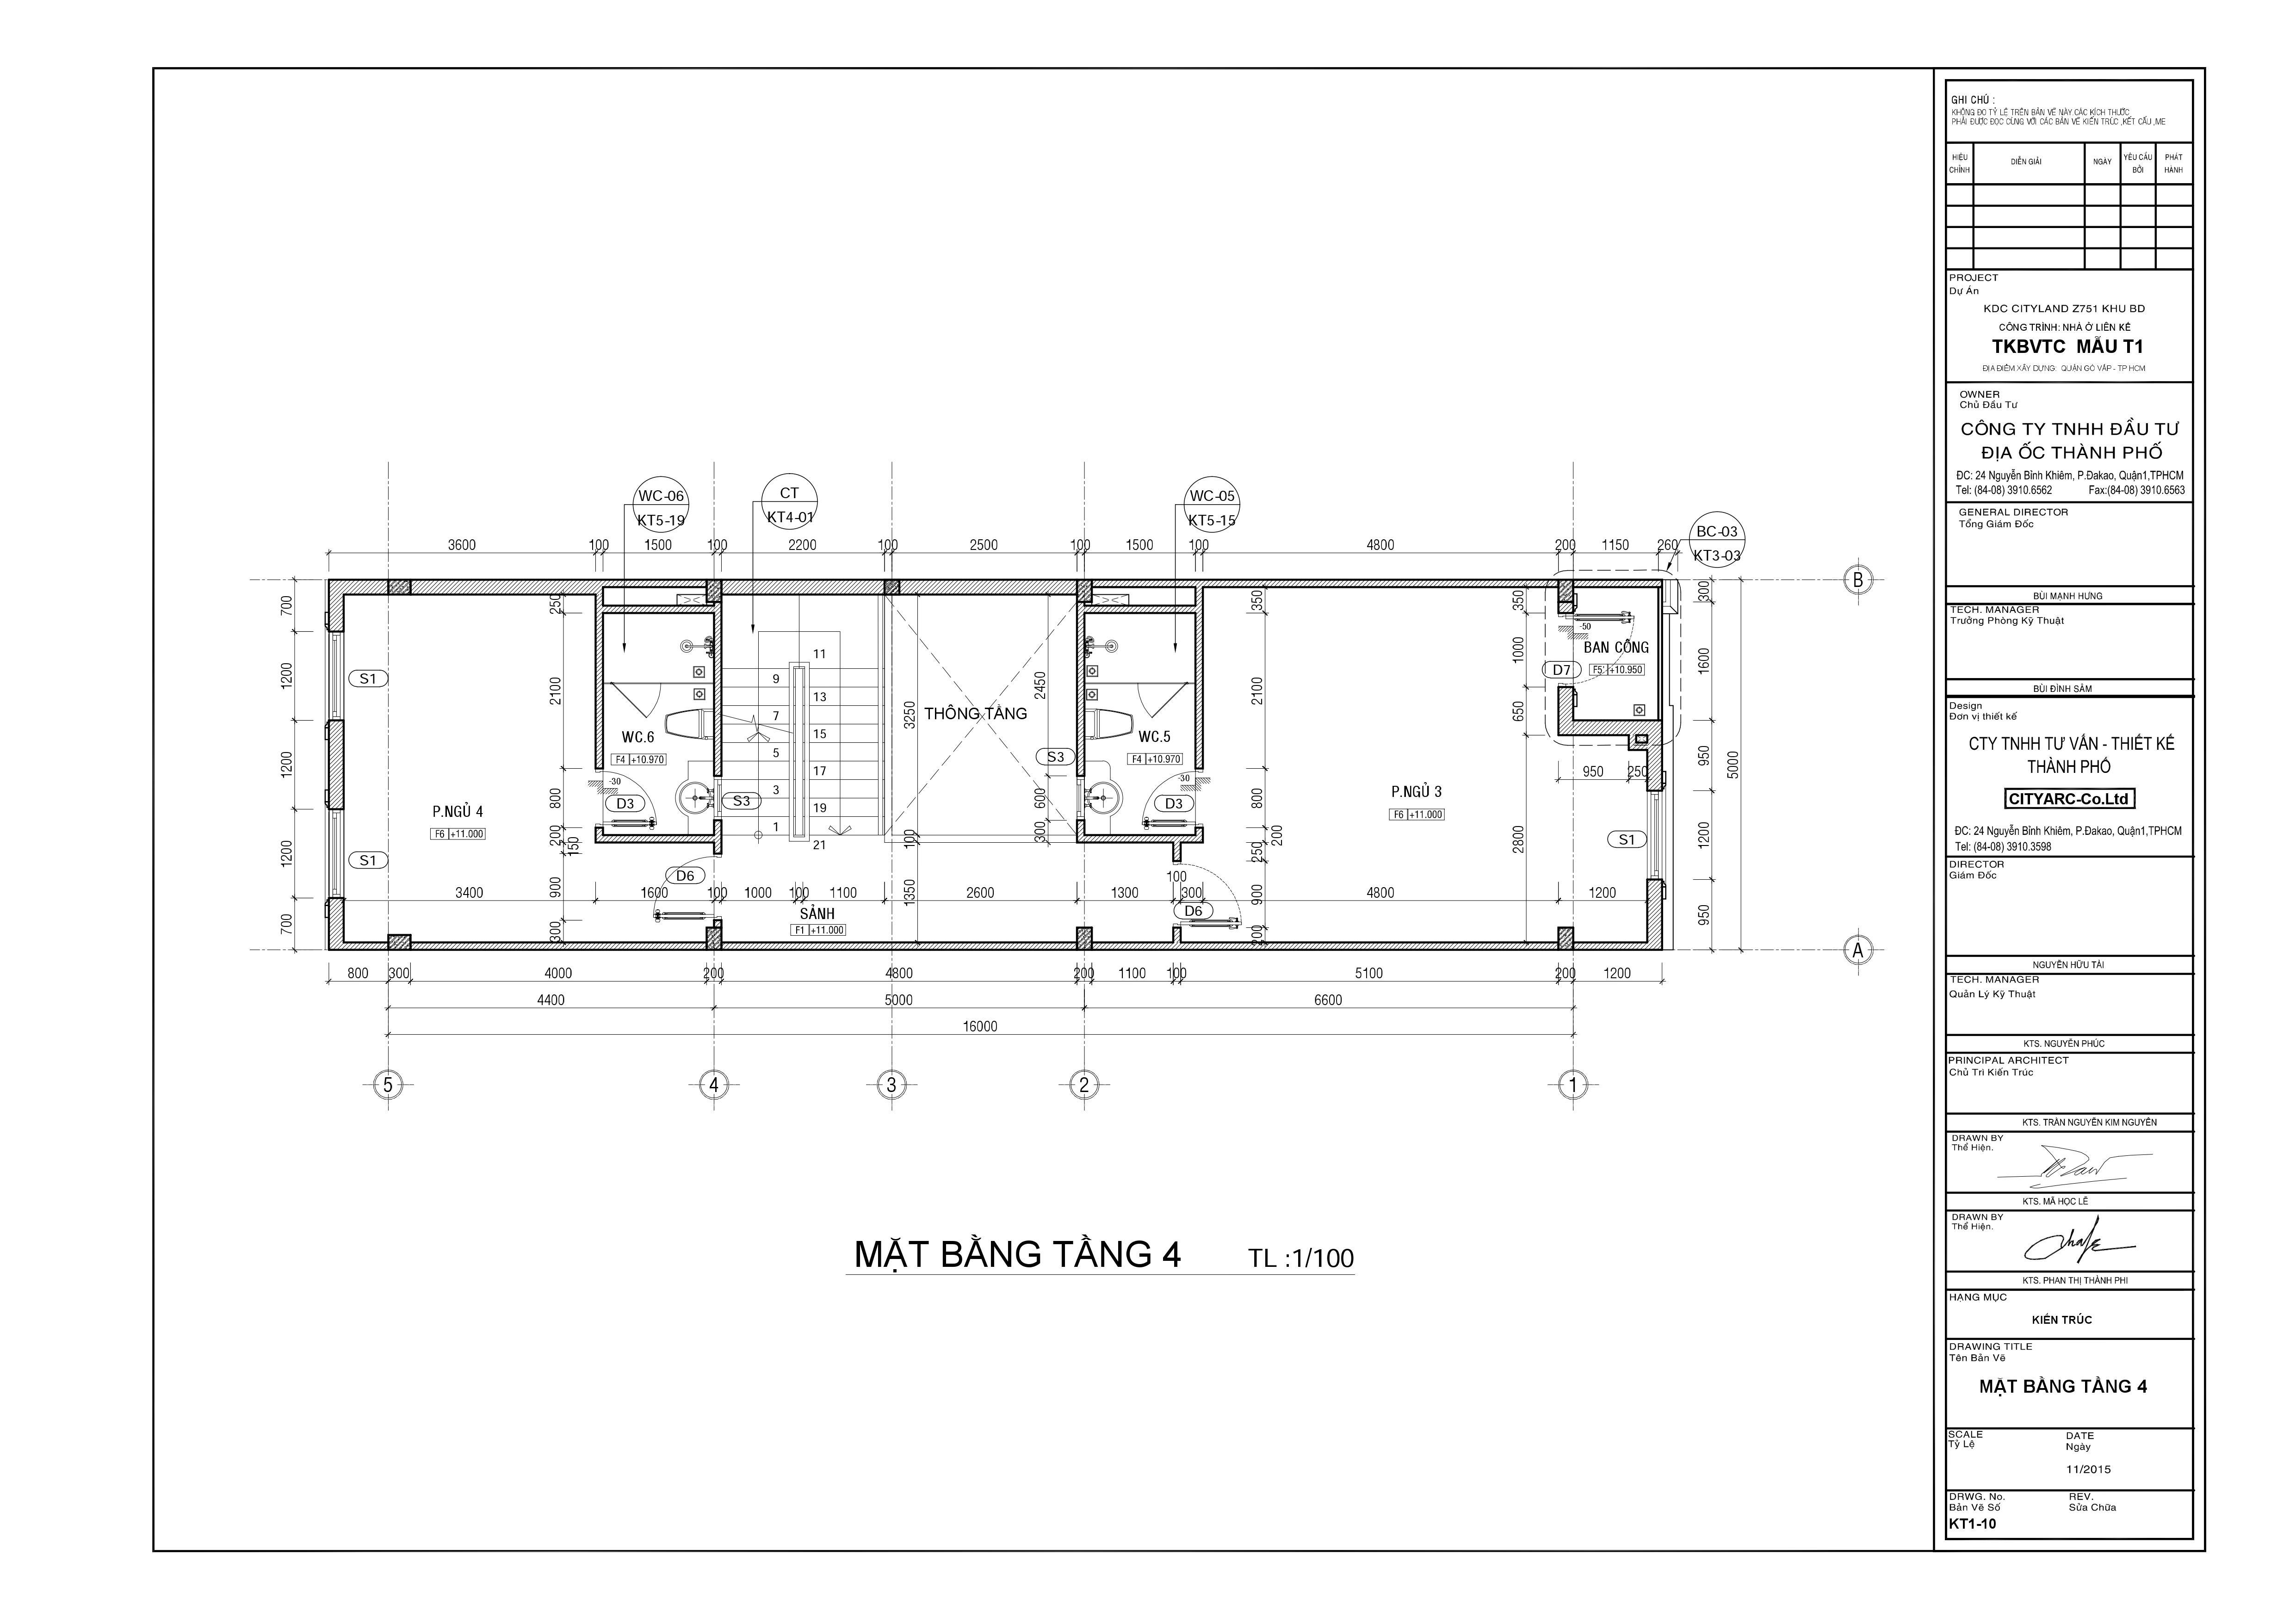 Nhà phố mặt tiền kinh doanh Cityland Park Hills Mẫu T1 - Tầng 4